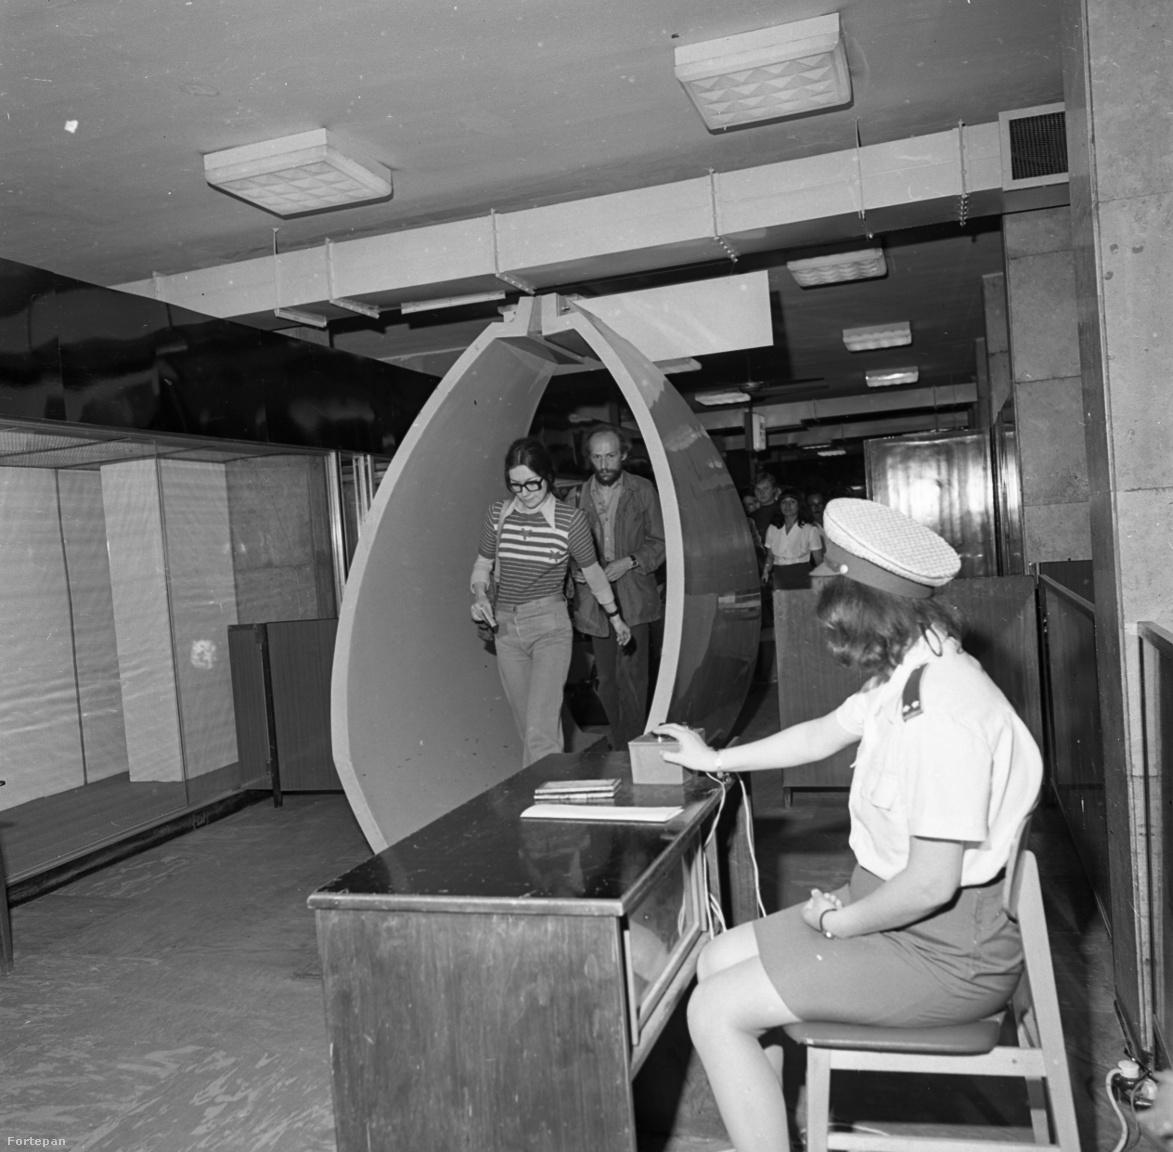 1974-ben így nézett ki egy fémdetektoros biztonsági kapu a ferihegyi repülőtéren.